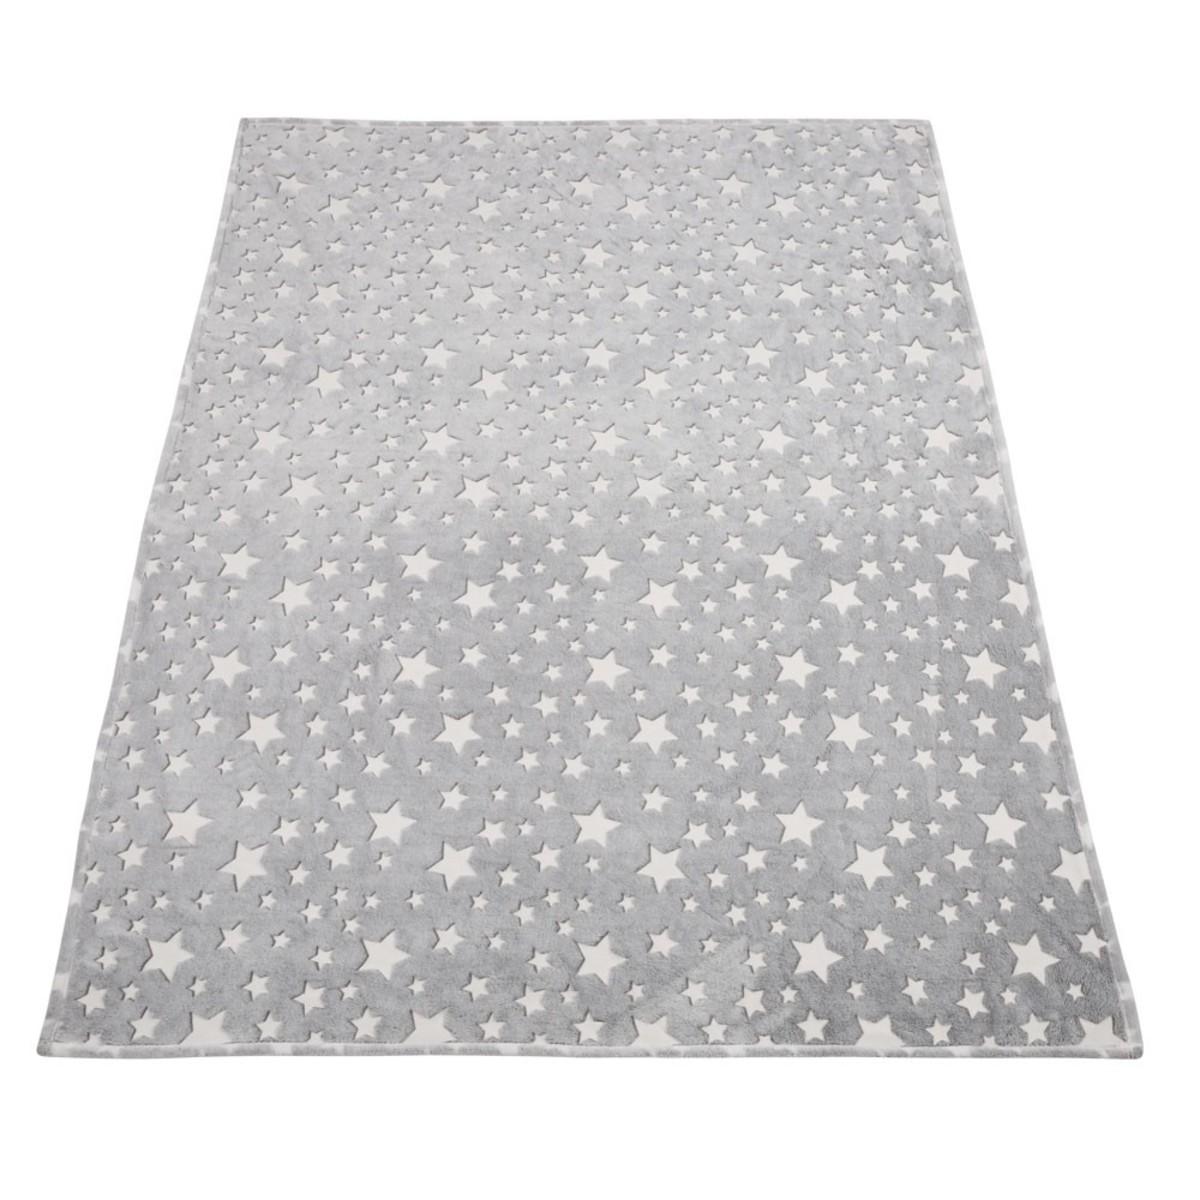 Bild 2 von Kuscheldecke, Sterne, leuchtend, 70 x 100 cm, grau